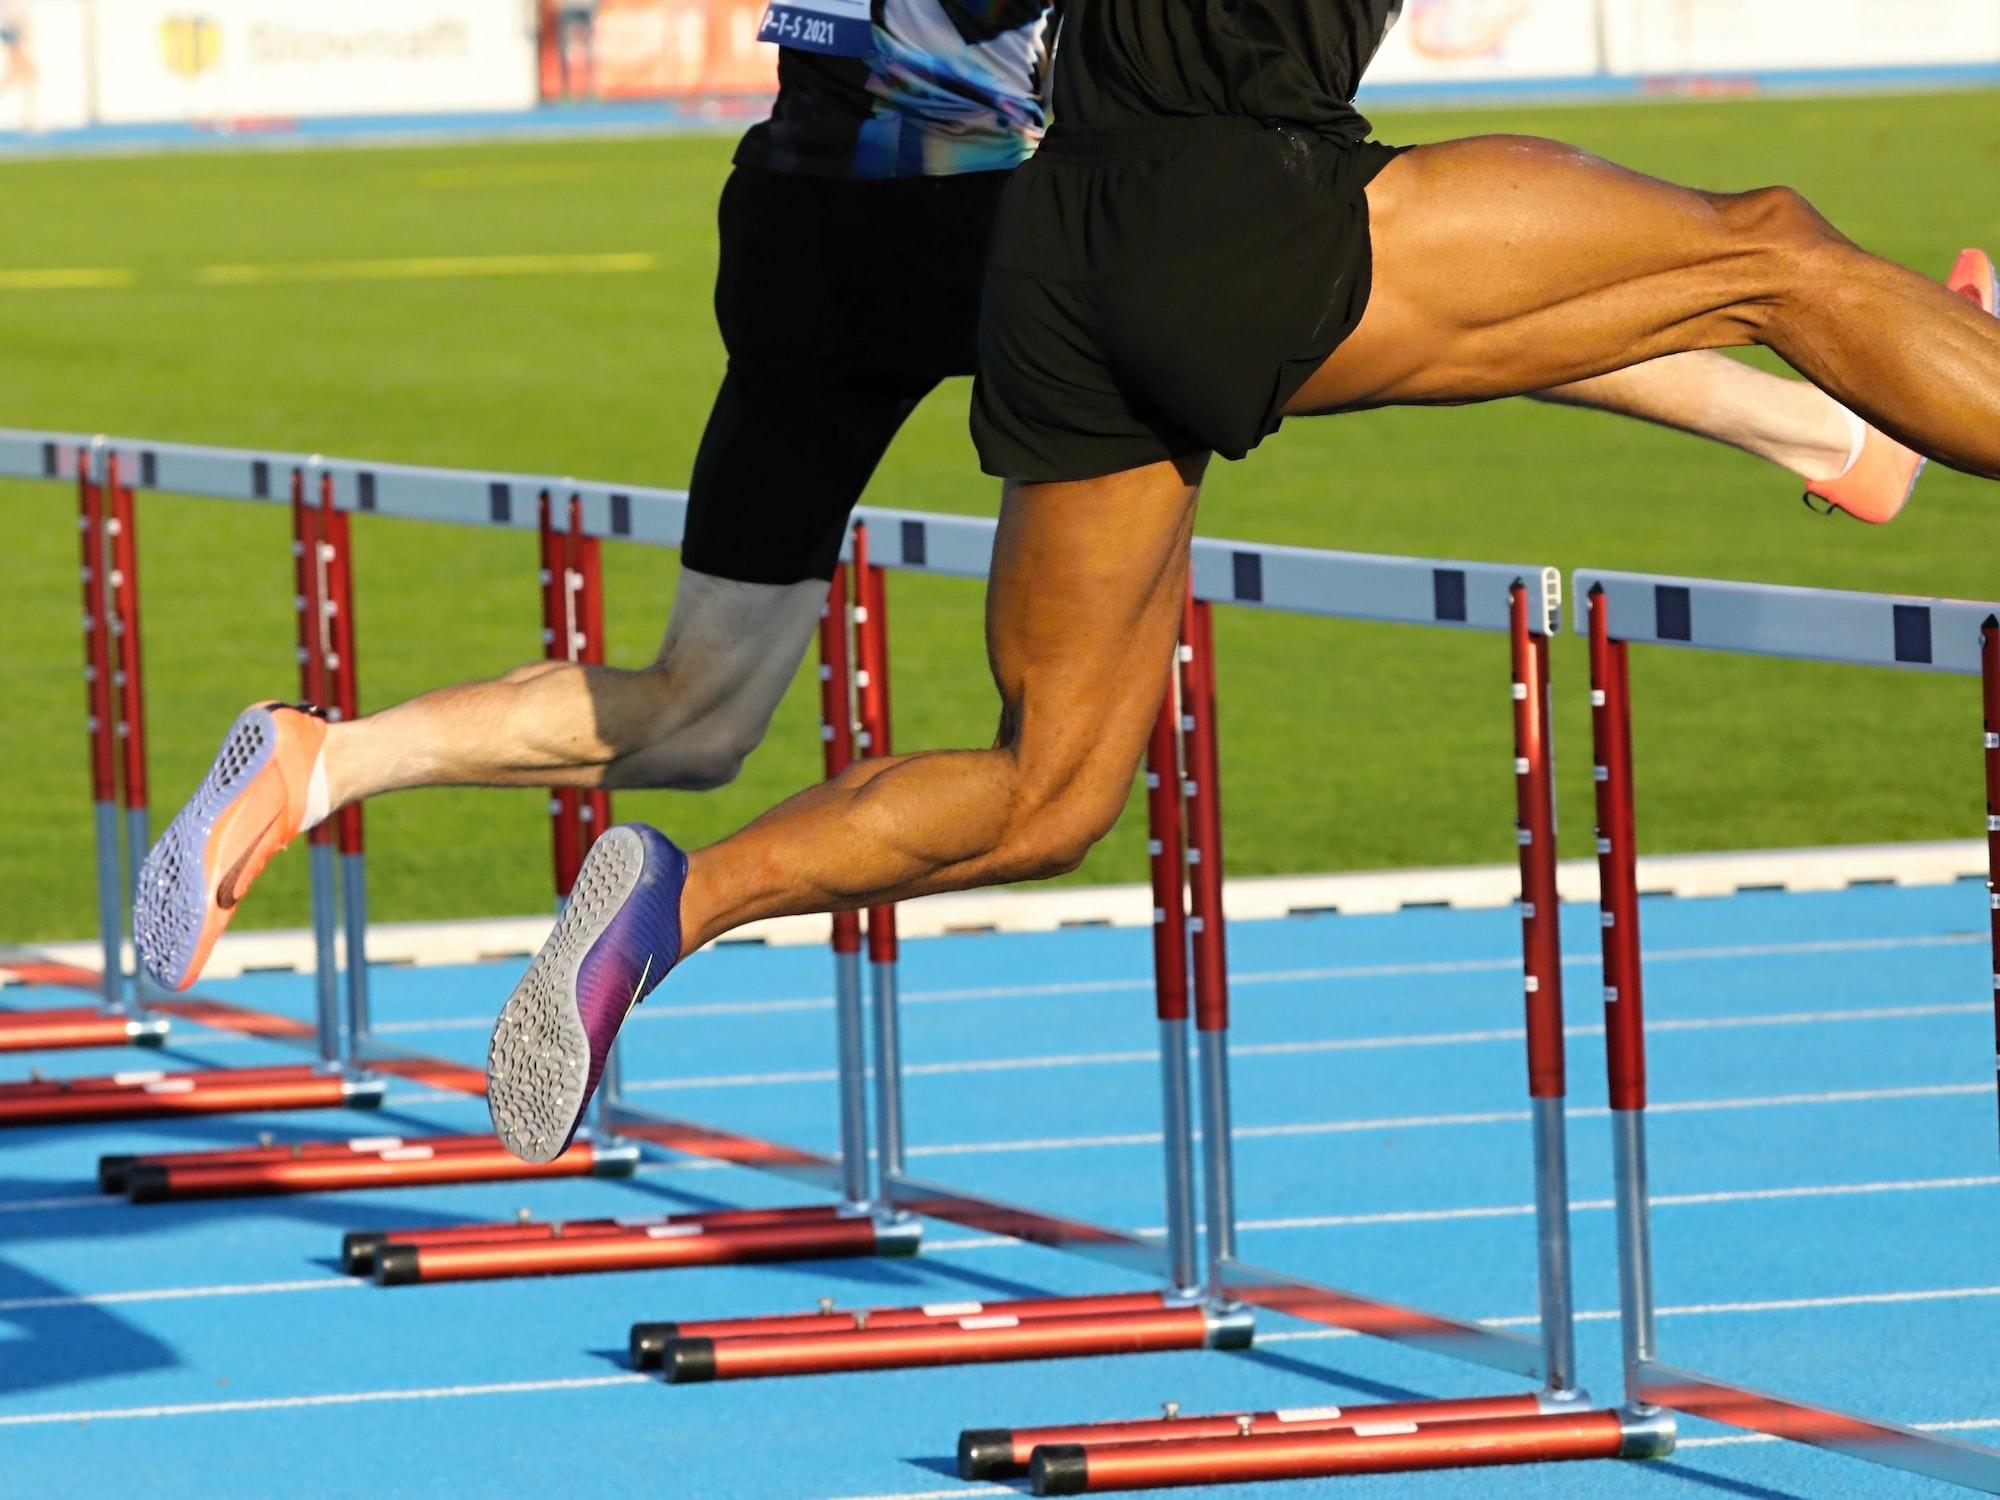 anatómia svalov šprintéra na 400 m prekážky